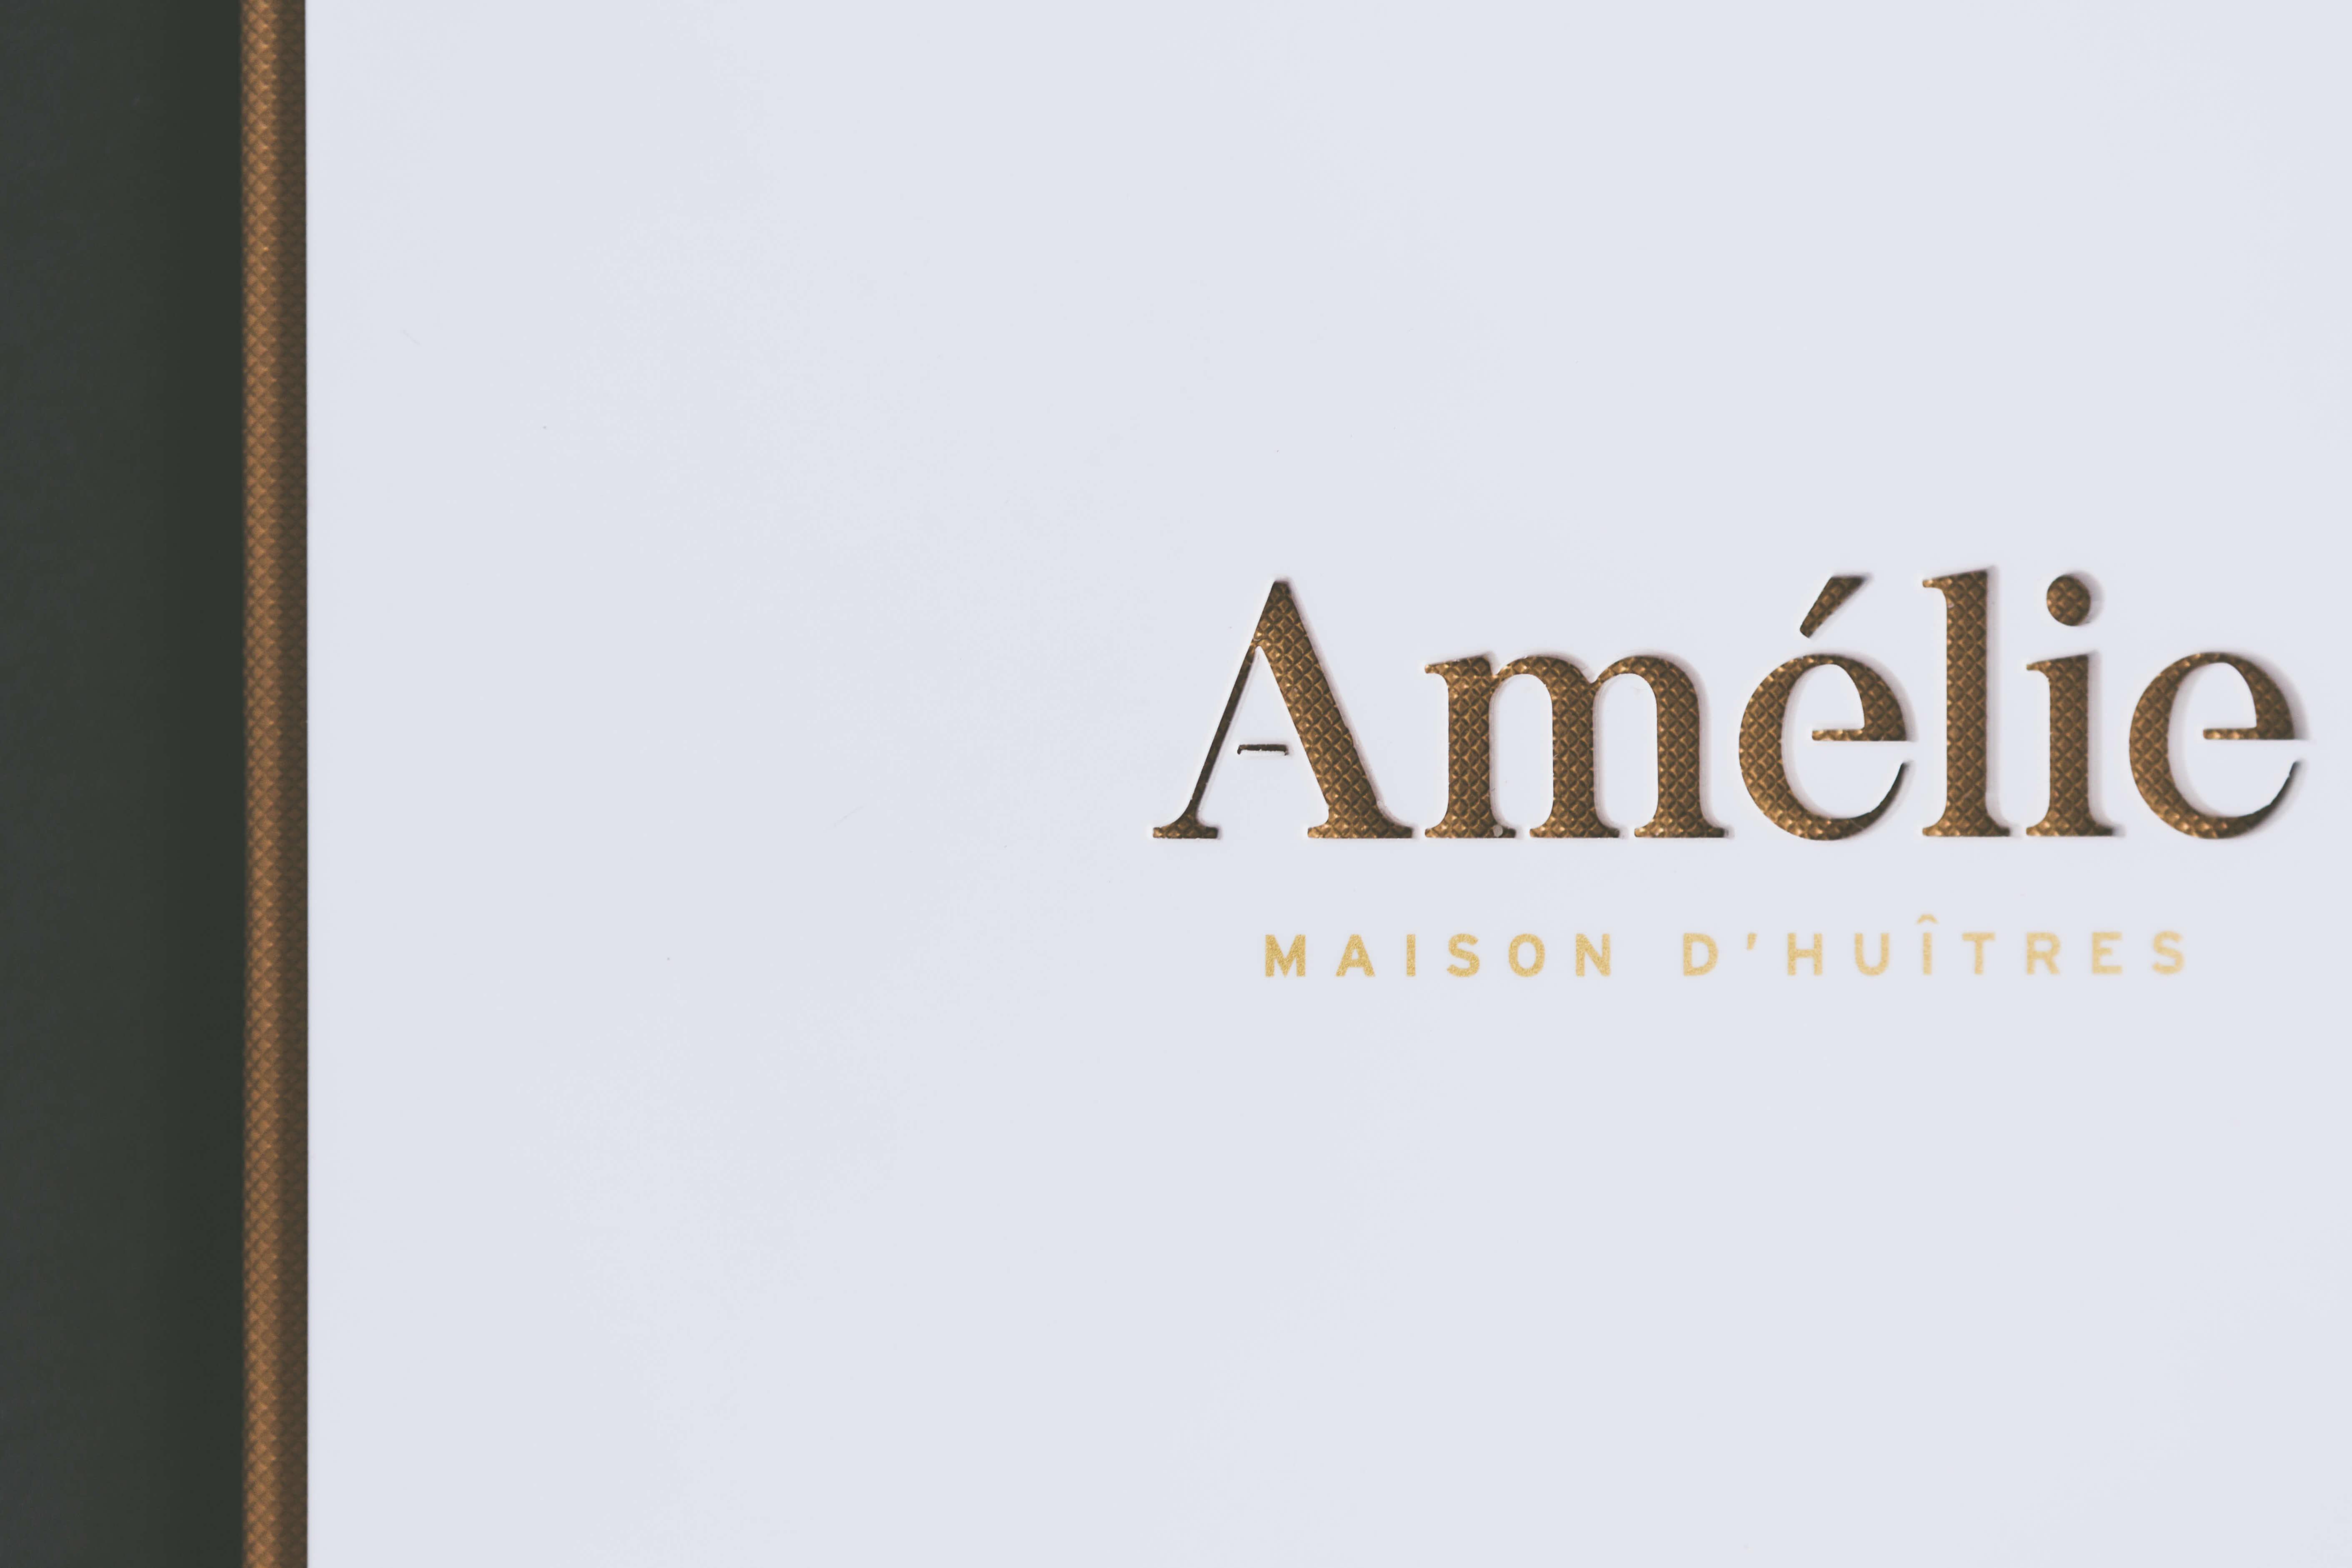 Logo hecho con láser para la carta Amelie